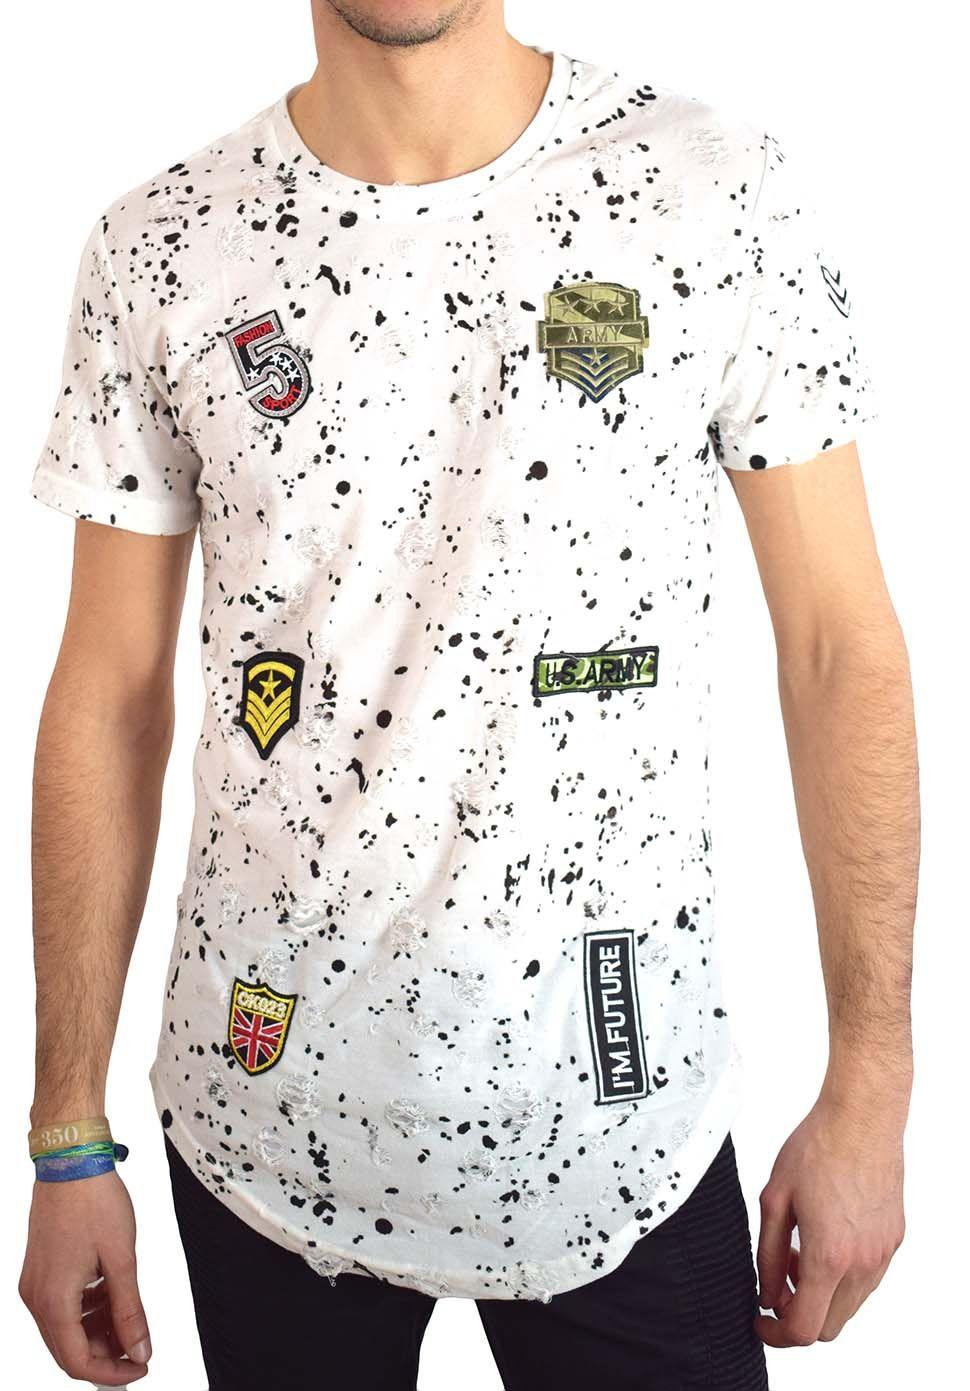 T Oversize Déchiré Homme Patch Shirt Blanc Yy6gvbfI7